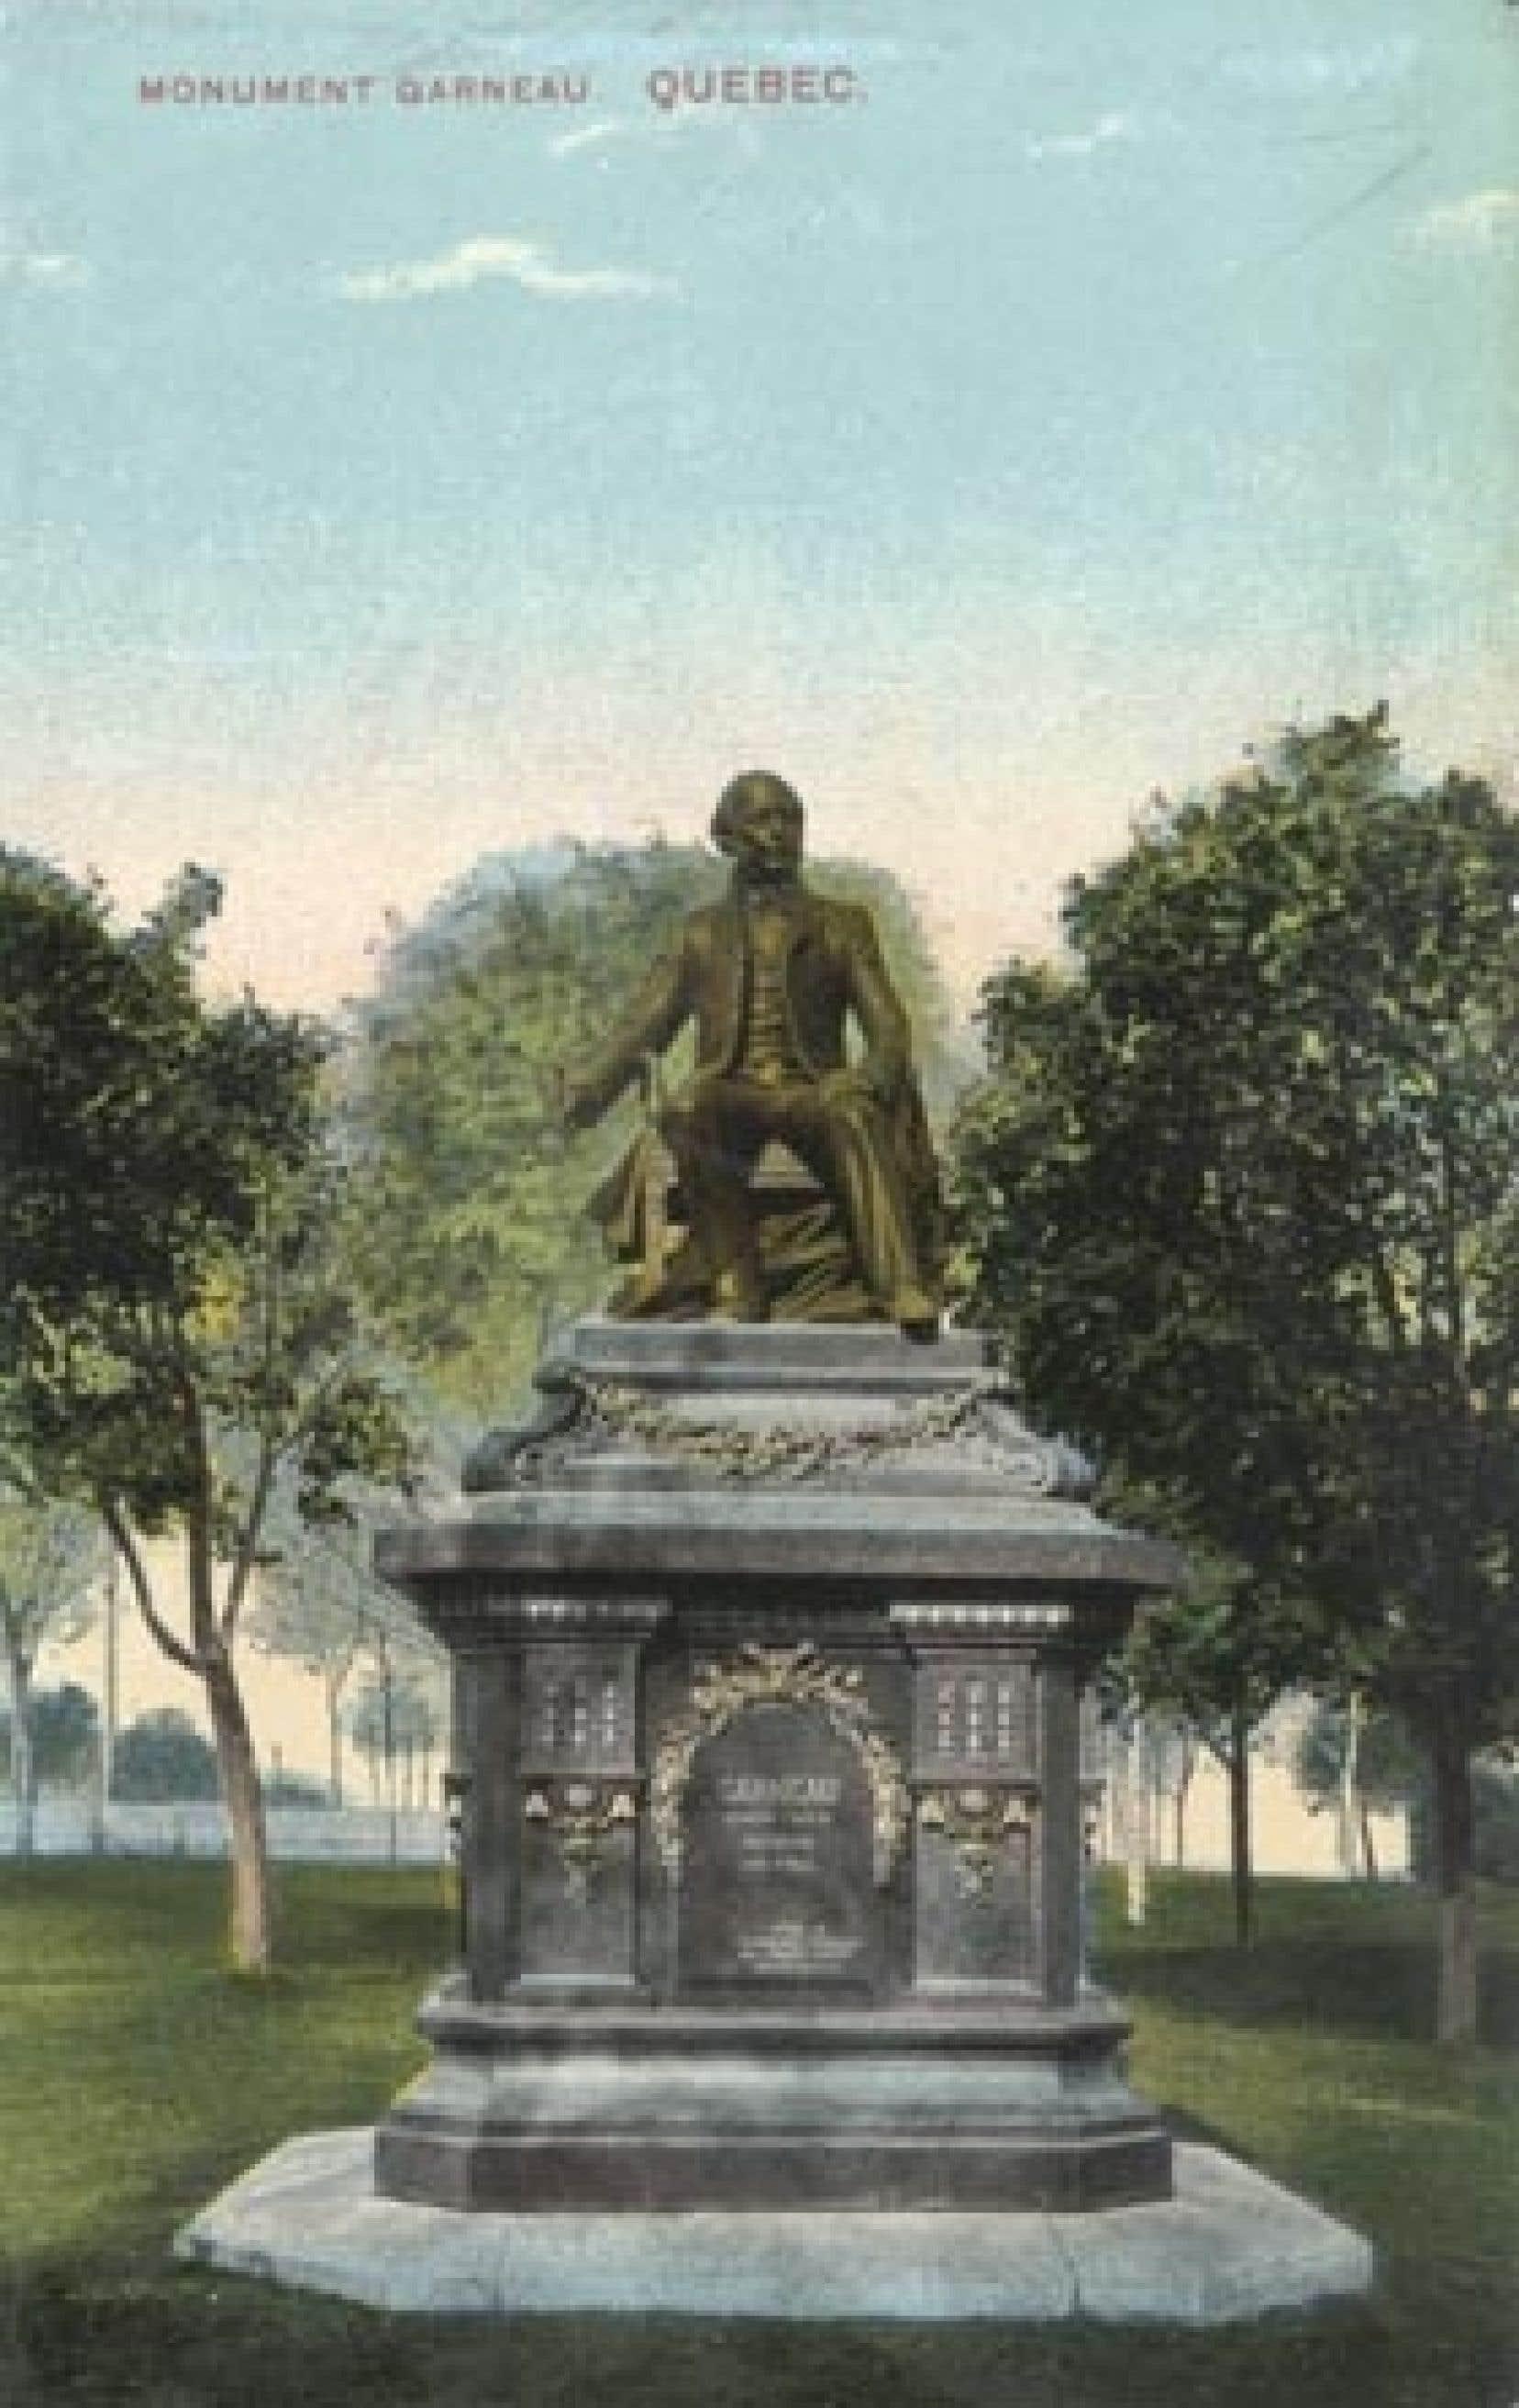 Carte postale illustrant le monument à François-Xavier Garneau, Québec, vers 1910